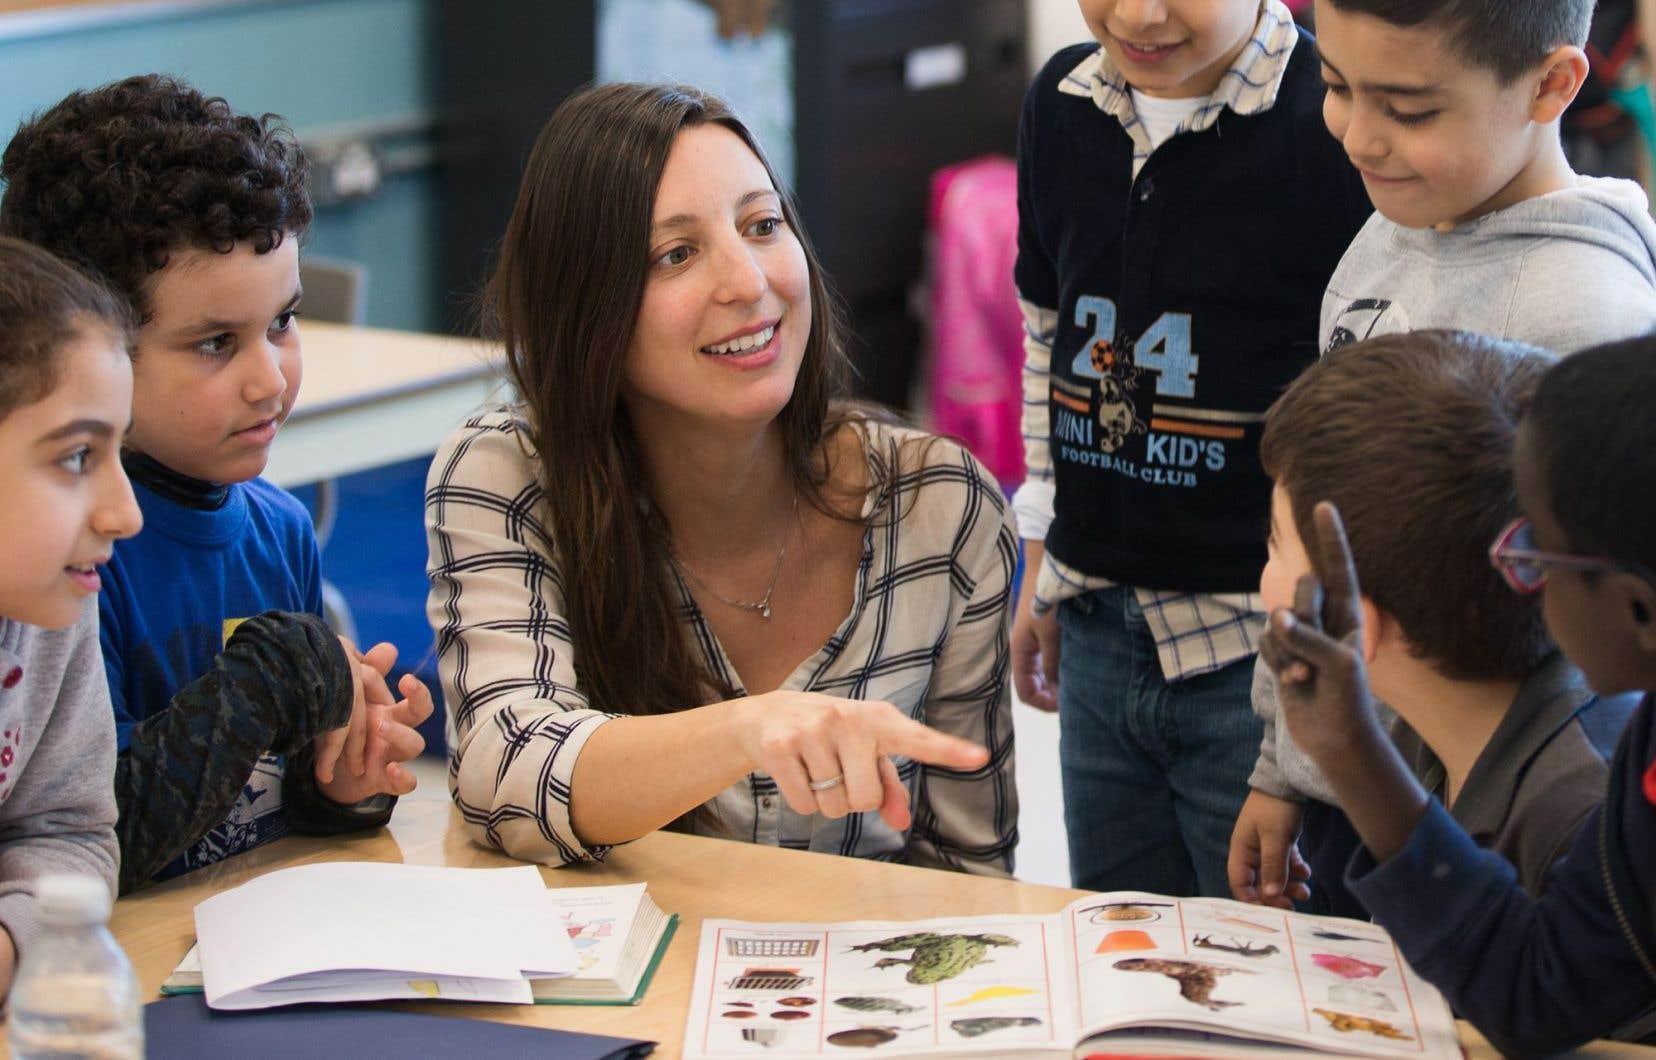 Les Québécoises choisissent encore en grande majorité les programmes les plus fréquentés par des femmes, comme l'enseignement.